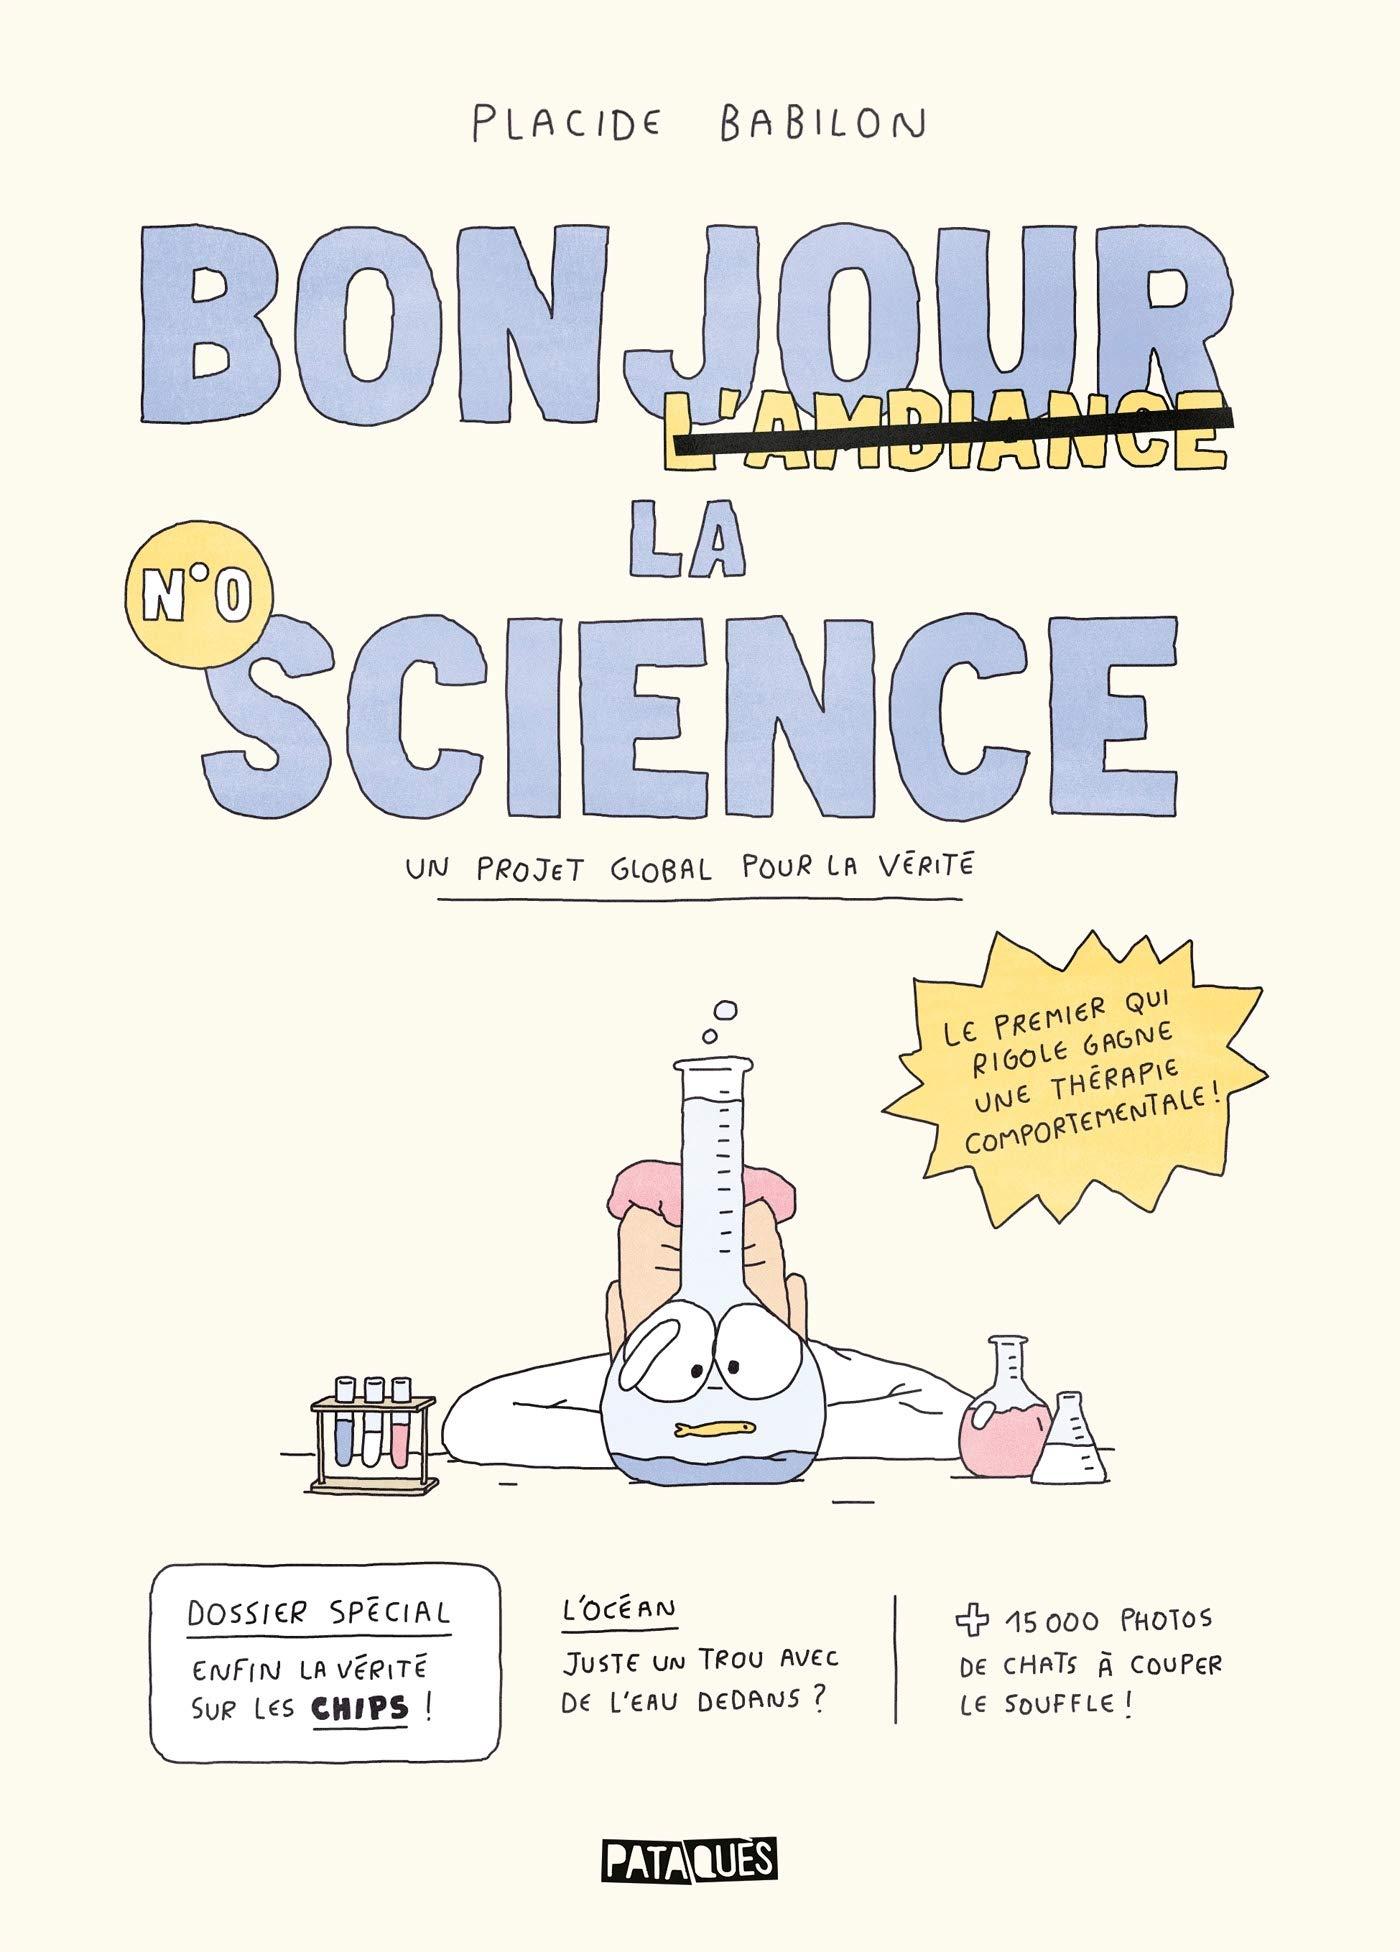 Bonjour la science 0 - Un projet global pour la vérité